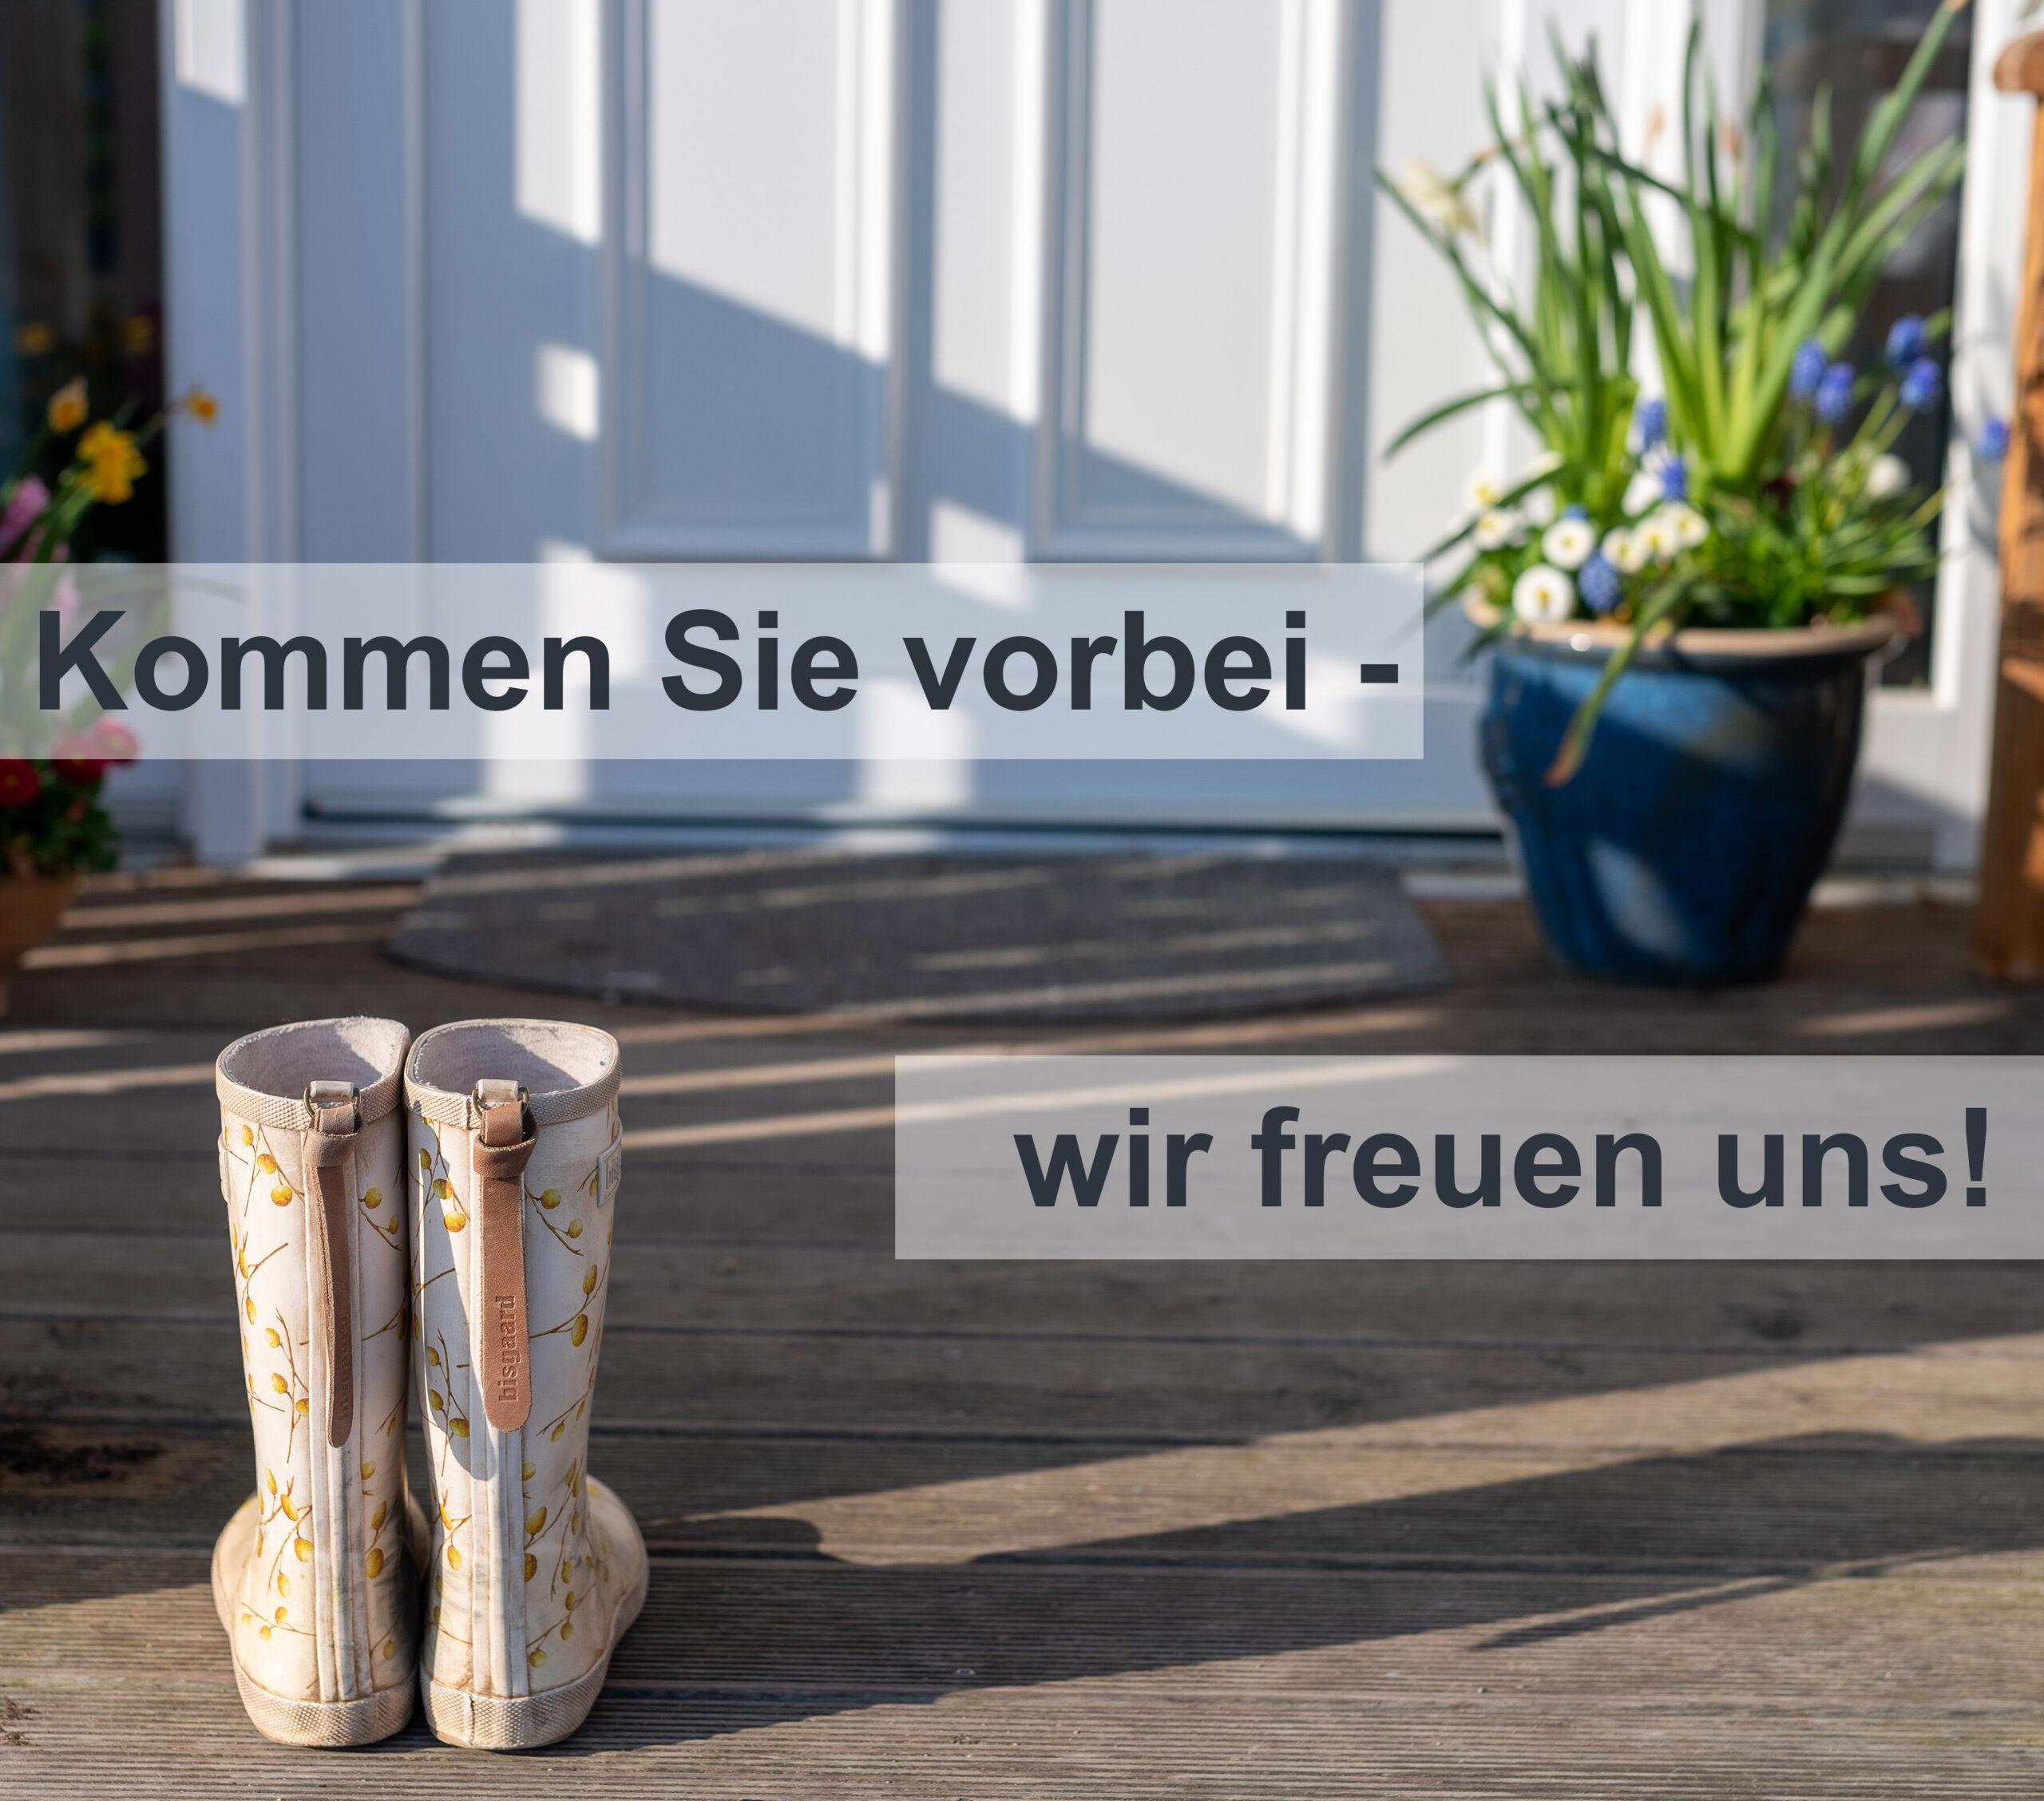 Einladung zur Bau- und Immobilienmesse: meinZuhause! in Neu-Ulm